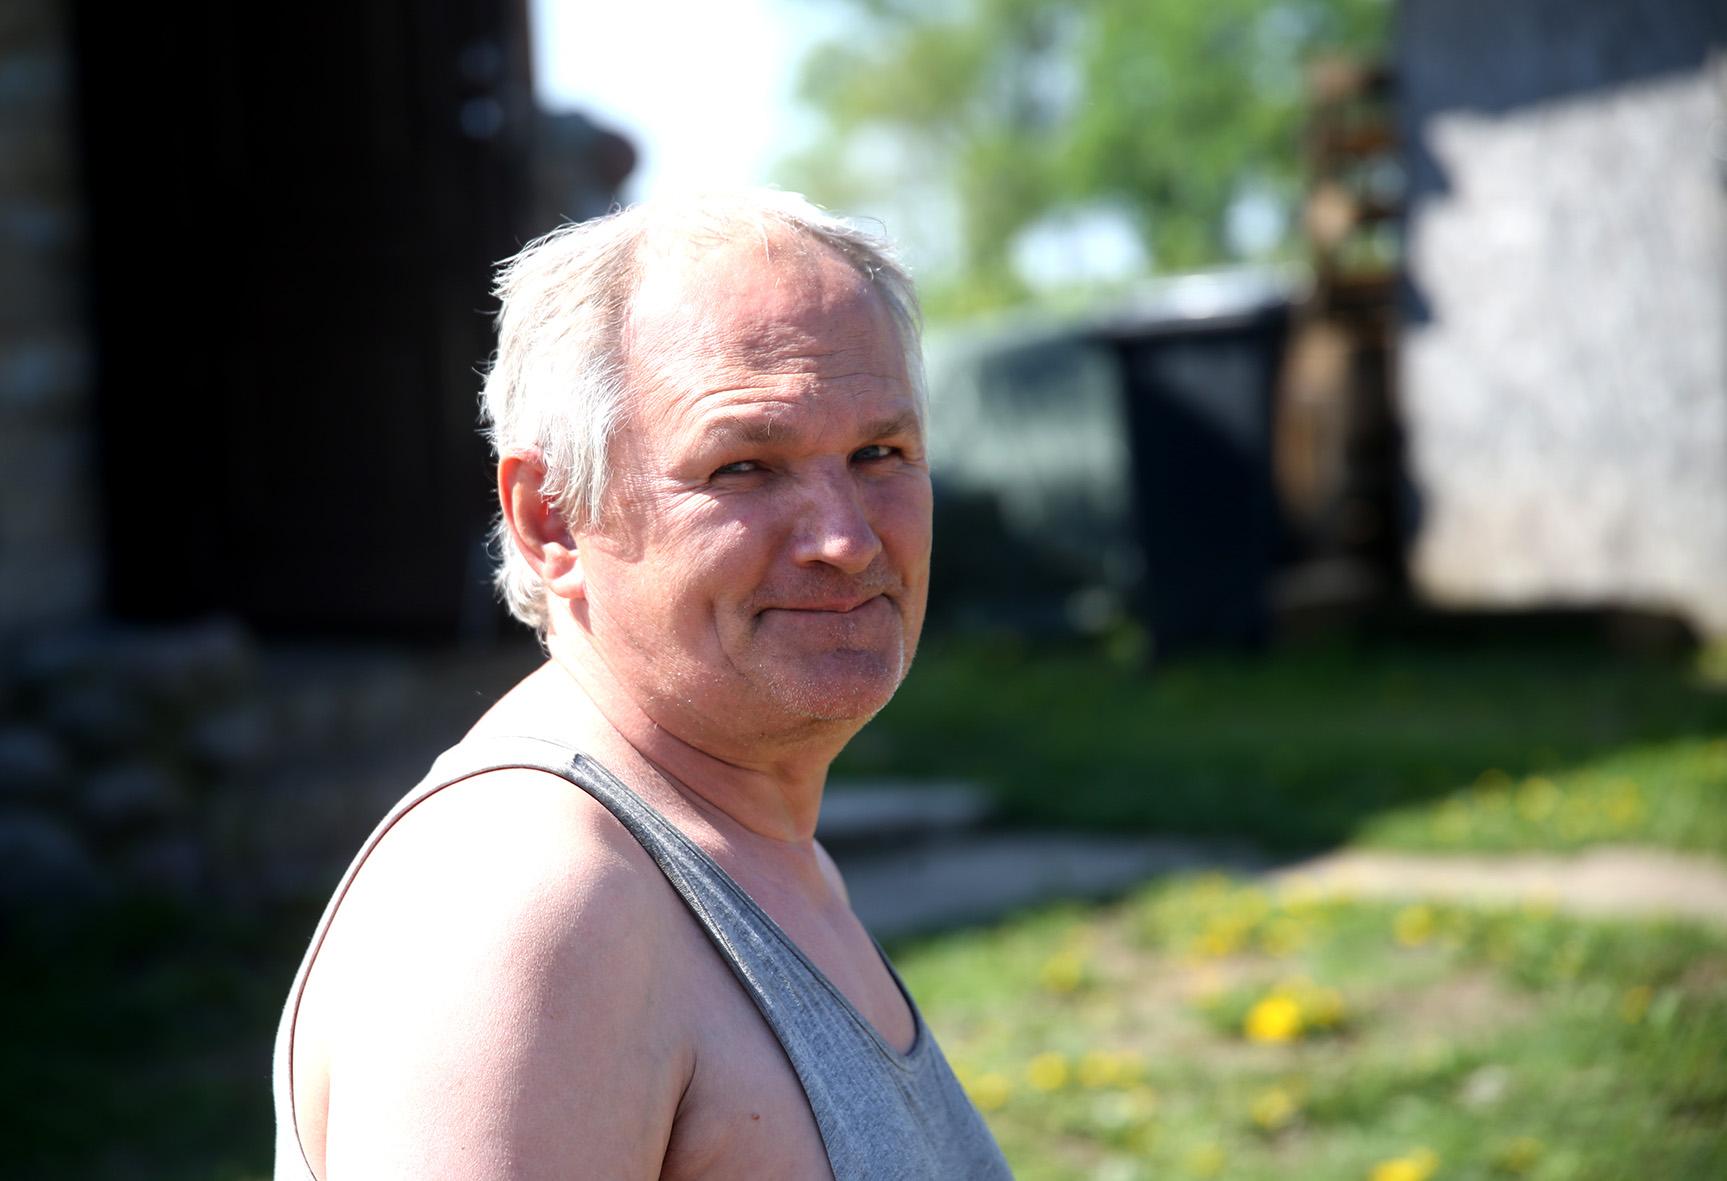 Bekalbant su Valentina prie mūsų prieina vyriškis, plačiai besišypsantis ir gerai nusiteikęs. Tai Viktoras. Senas geras bičiulis Viktoras. Algimanto Barzdžiaus nuotr.